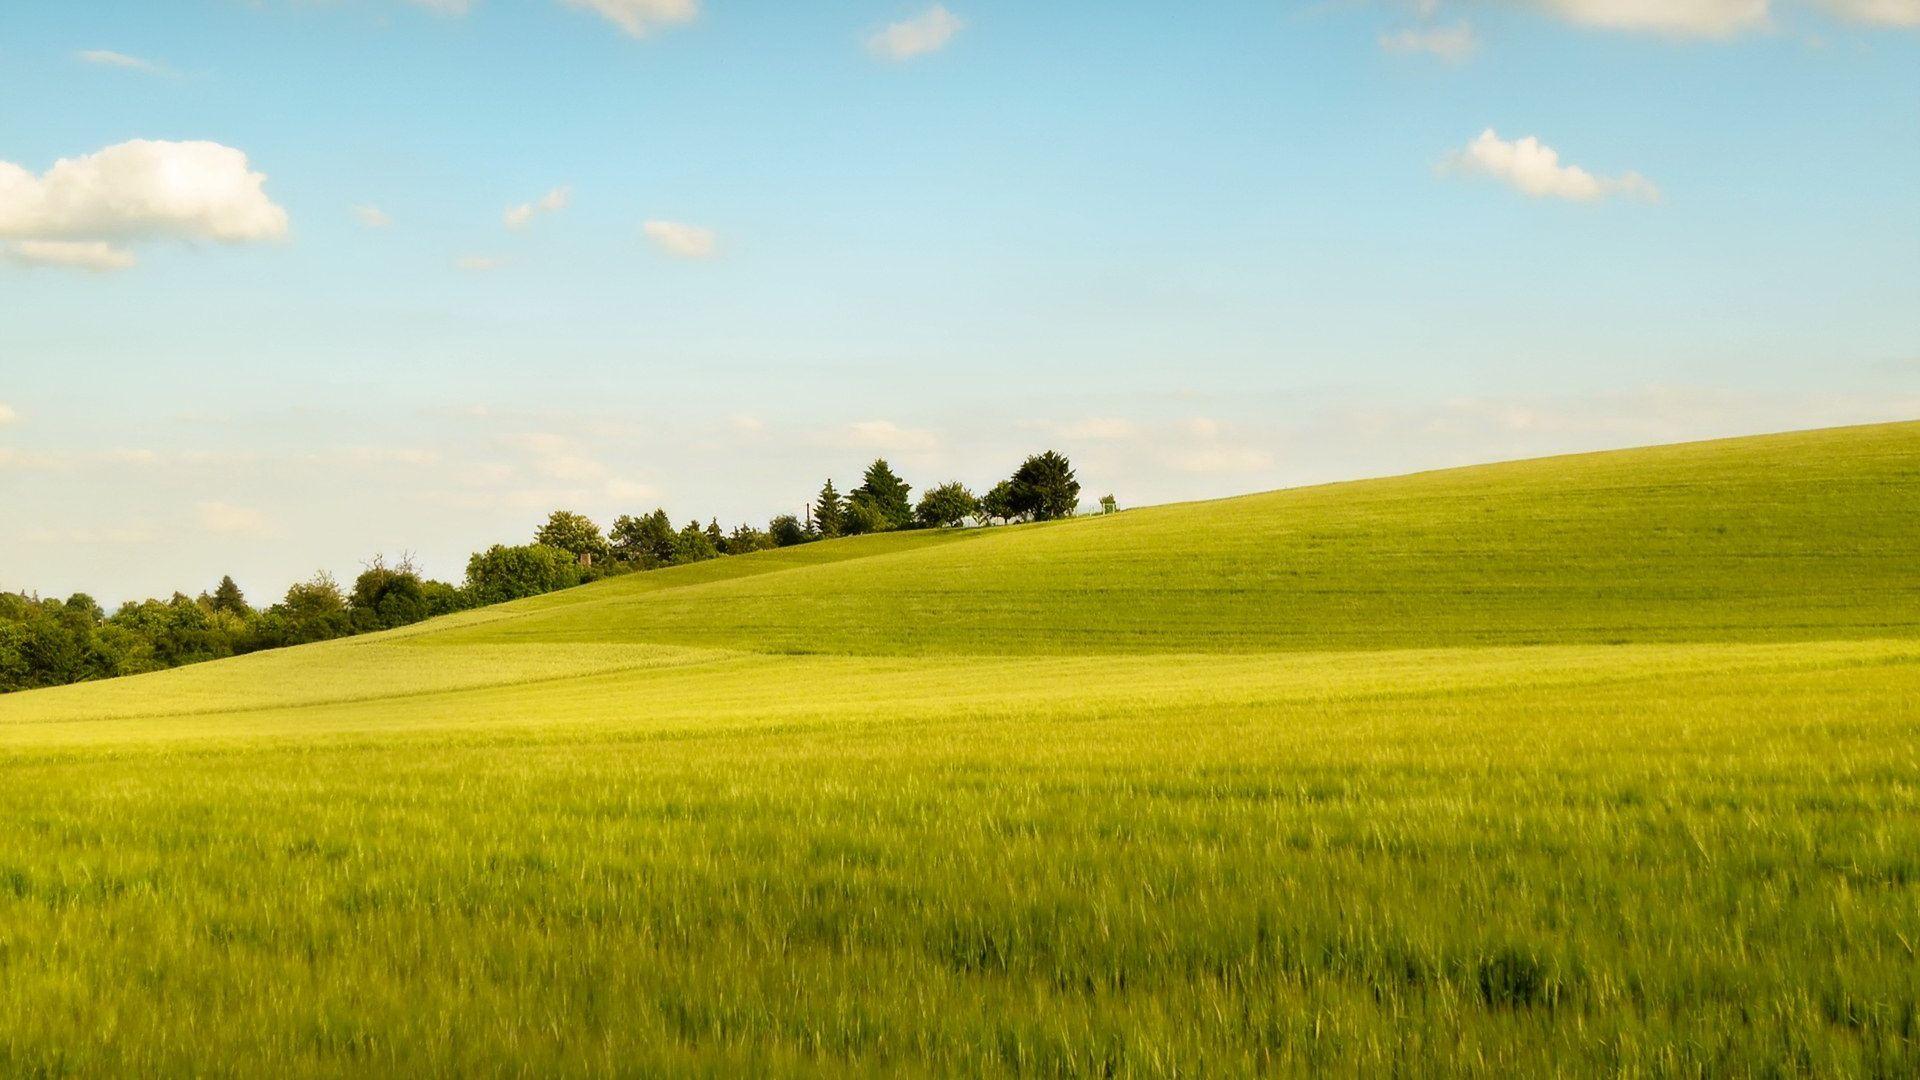 Meadow pc wallpaper